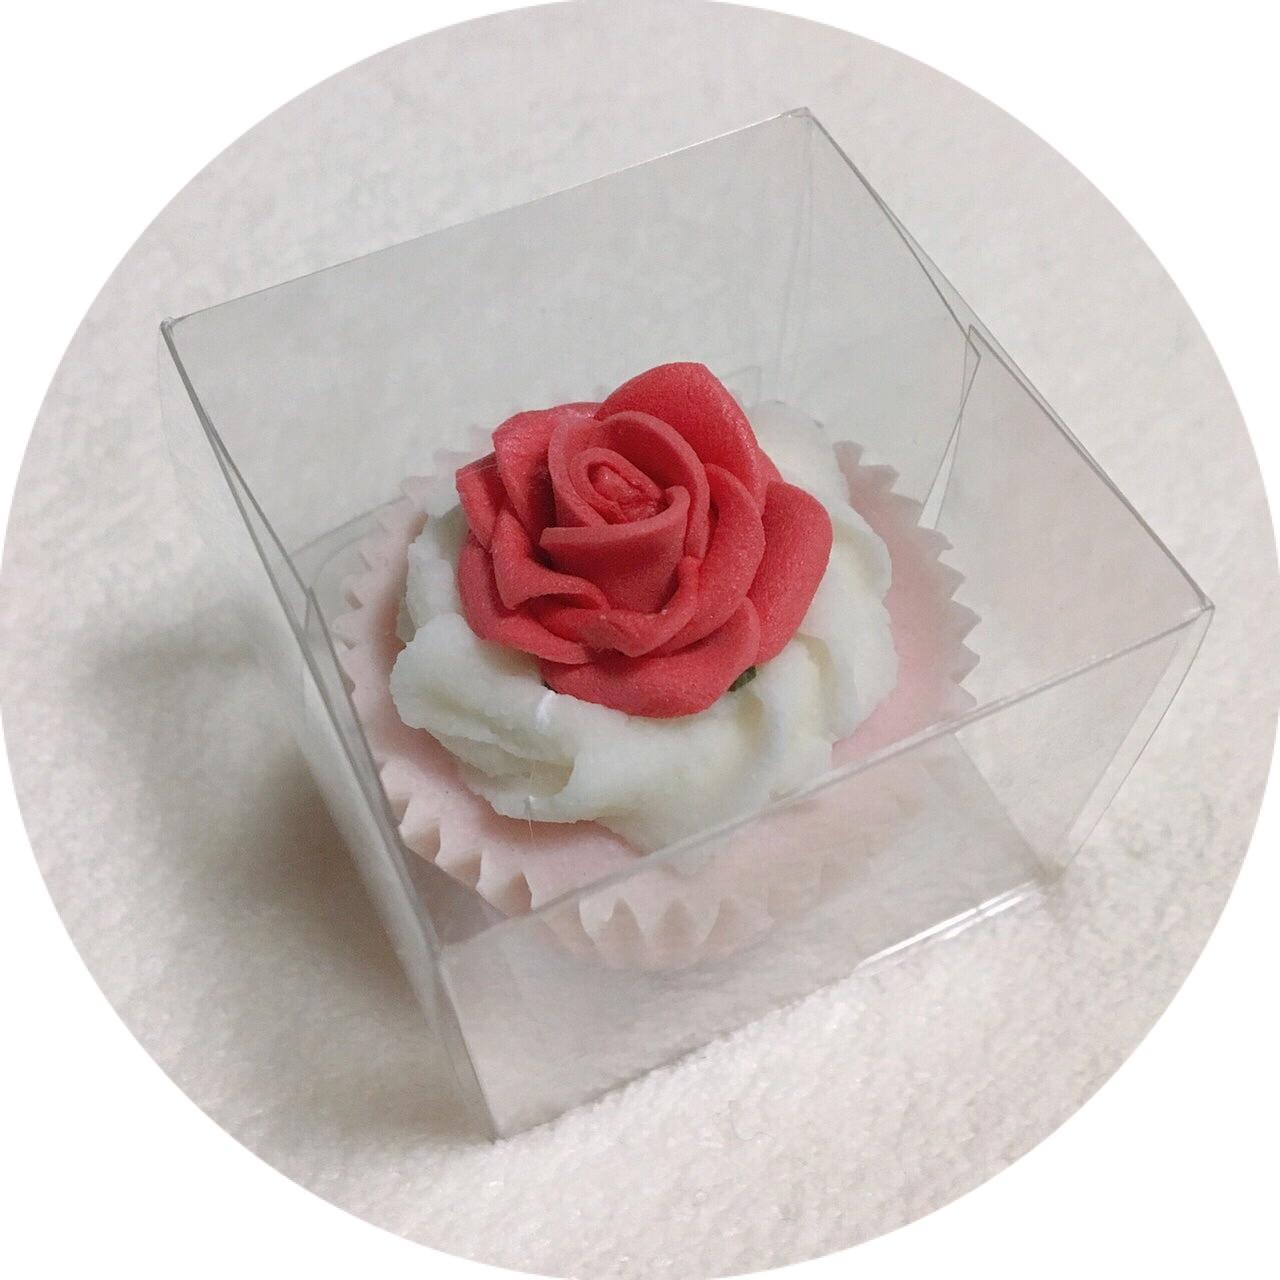 【 第23回❤︎ 】まるでカップケーキ!?可愛いBadeFeeのバスプラリネ*_1_2-2